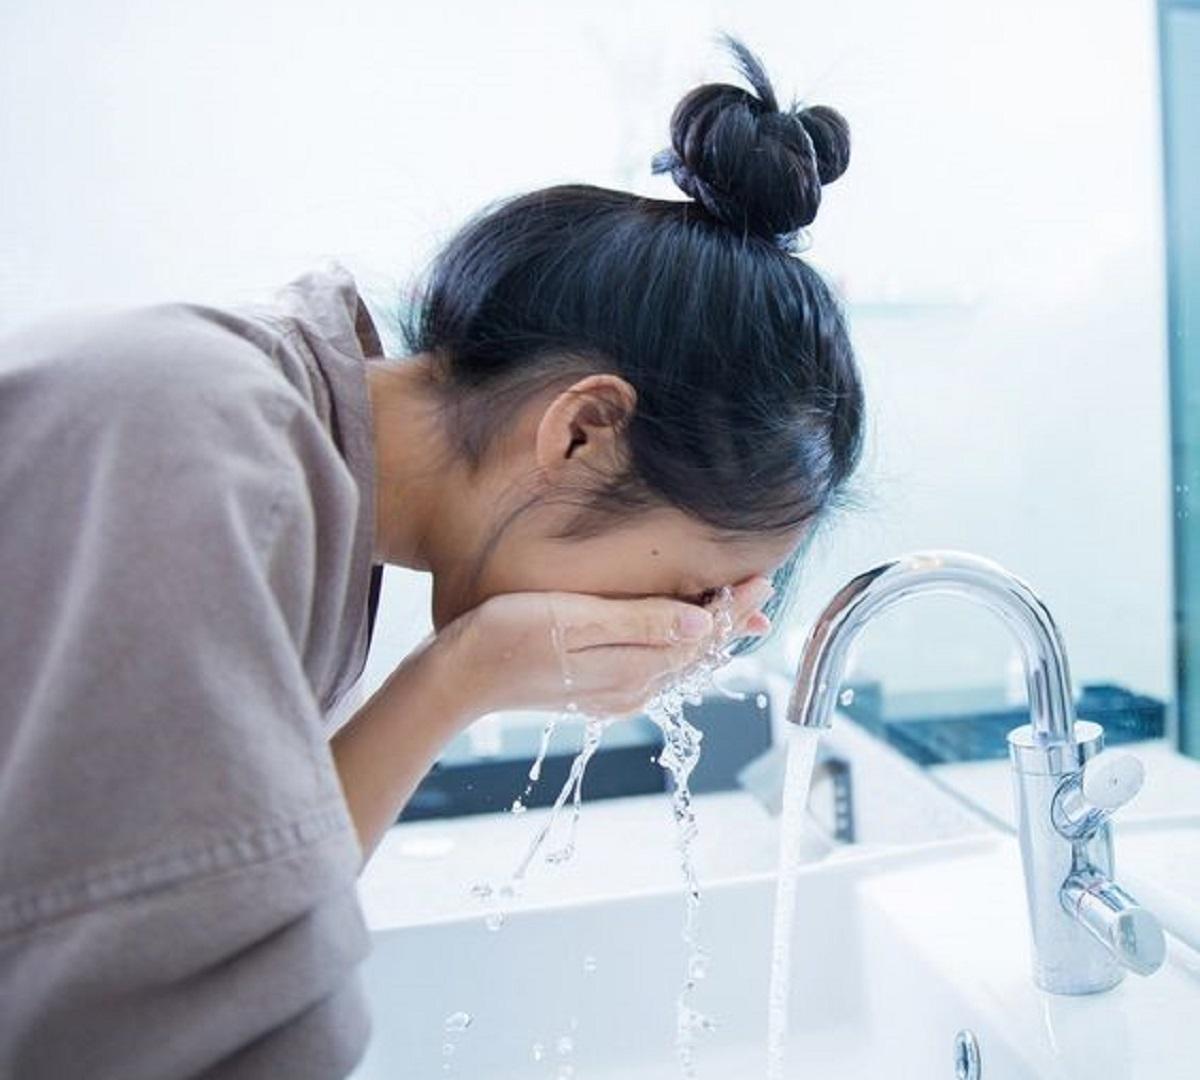 come lavare il viso la mattina